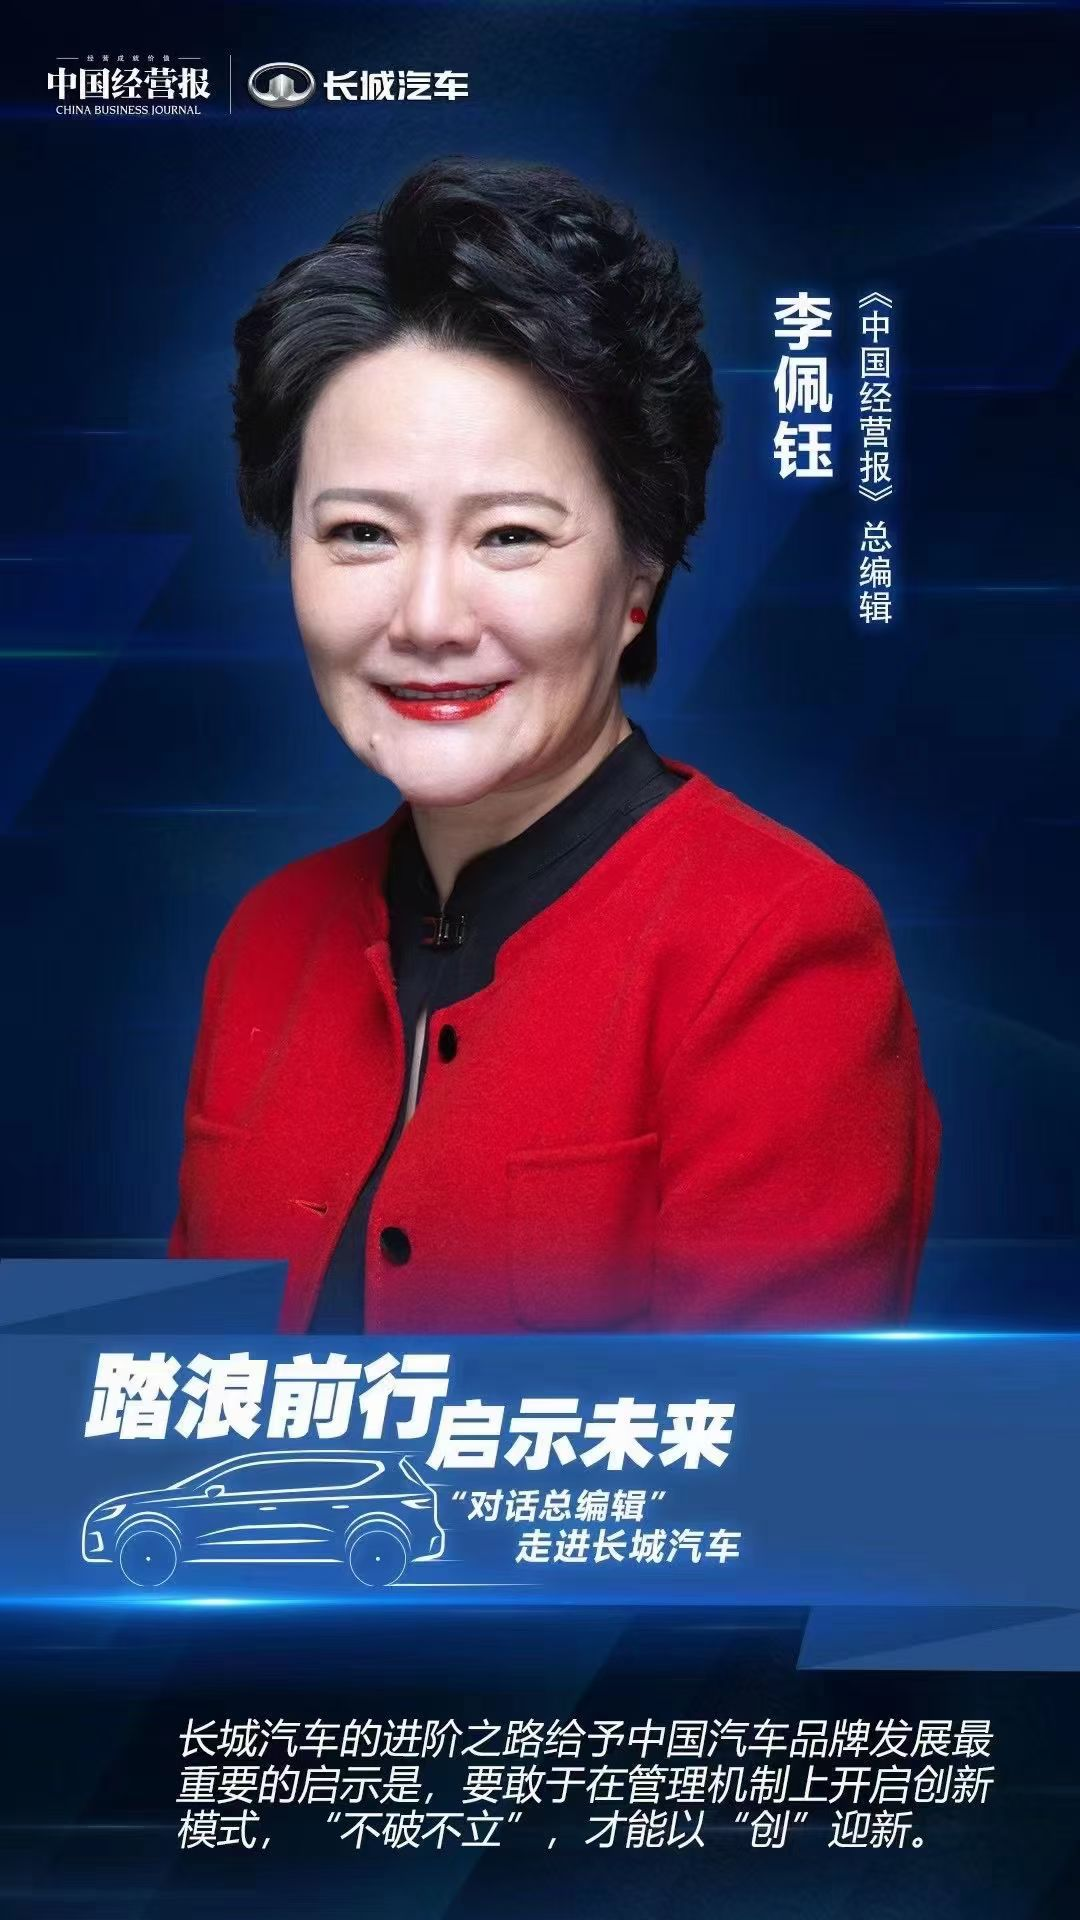 《中国经营报》总编辑李佩钰:造车是一场没有尽头的马拉松